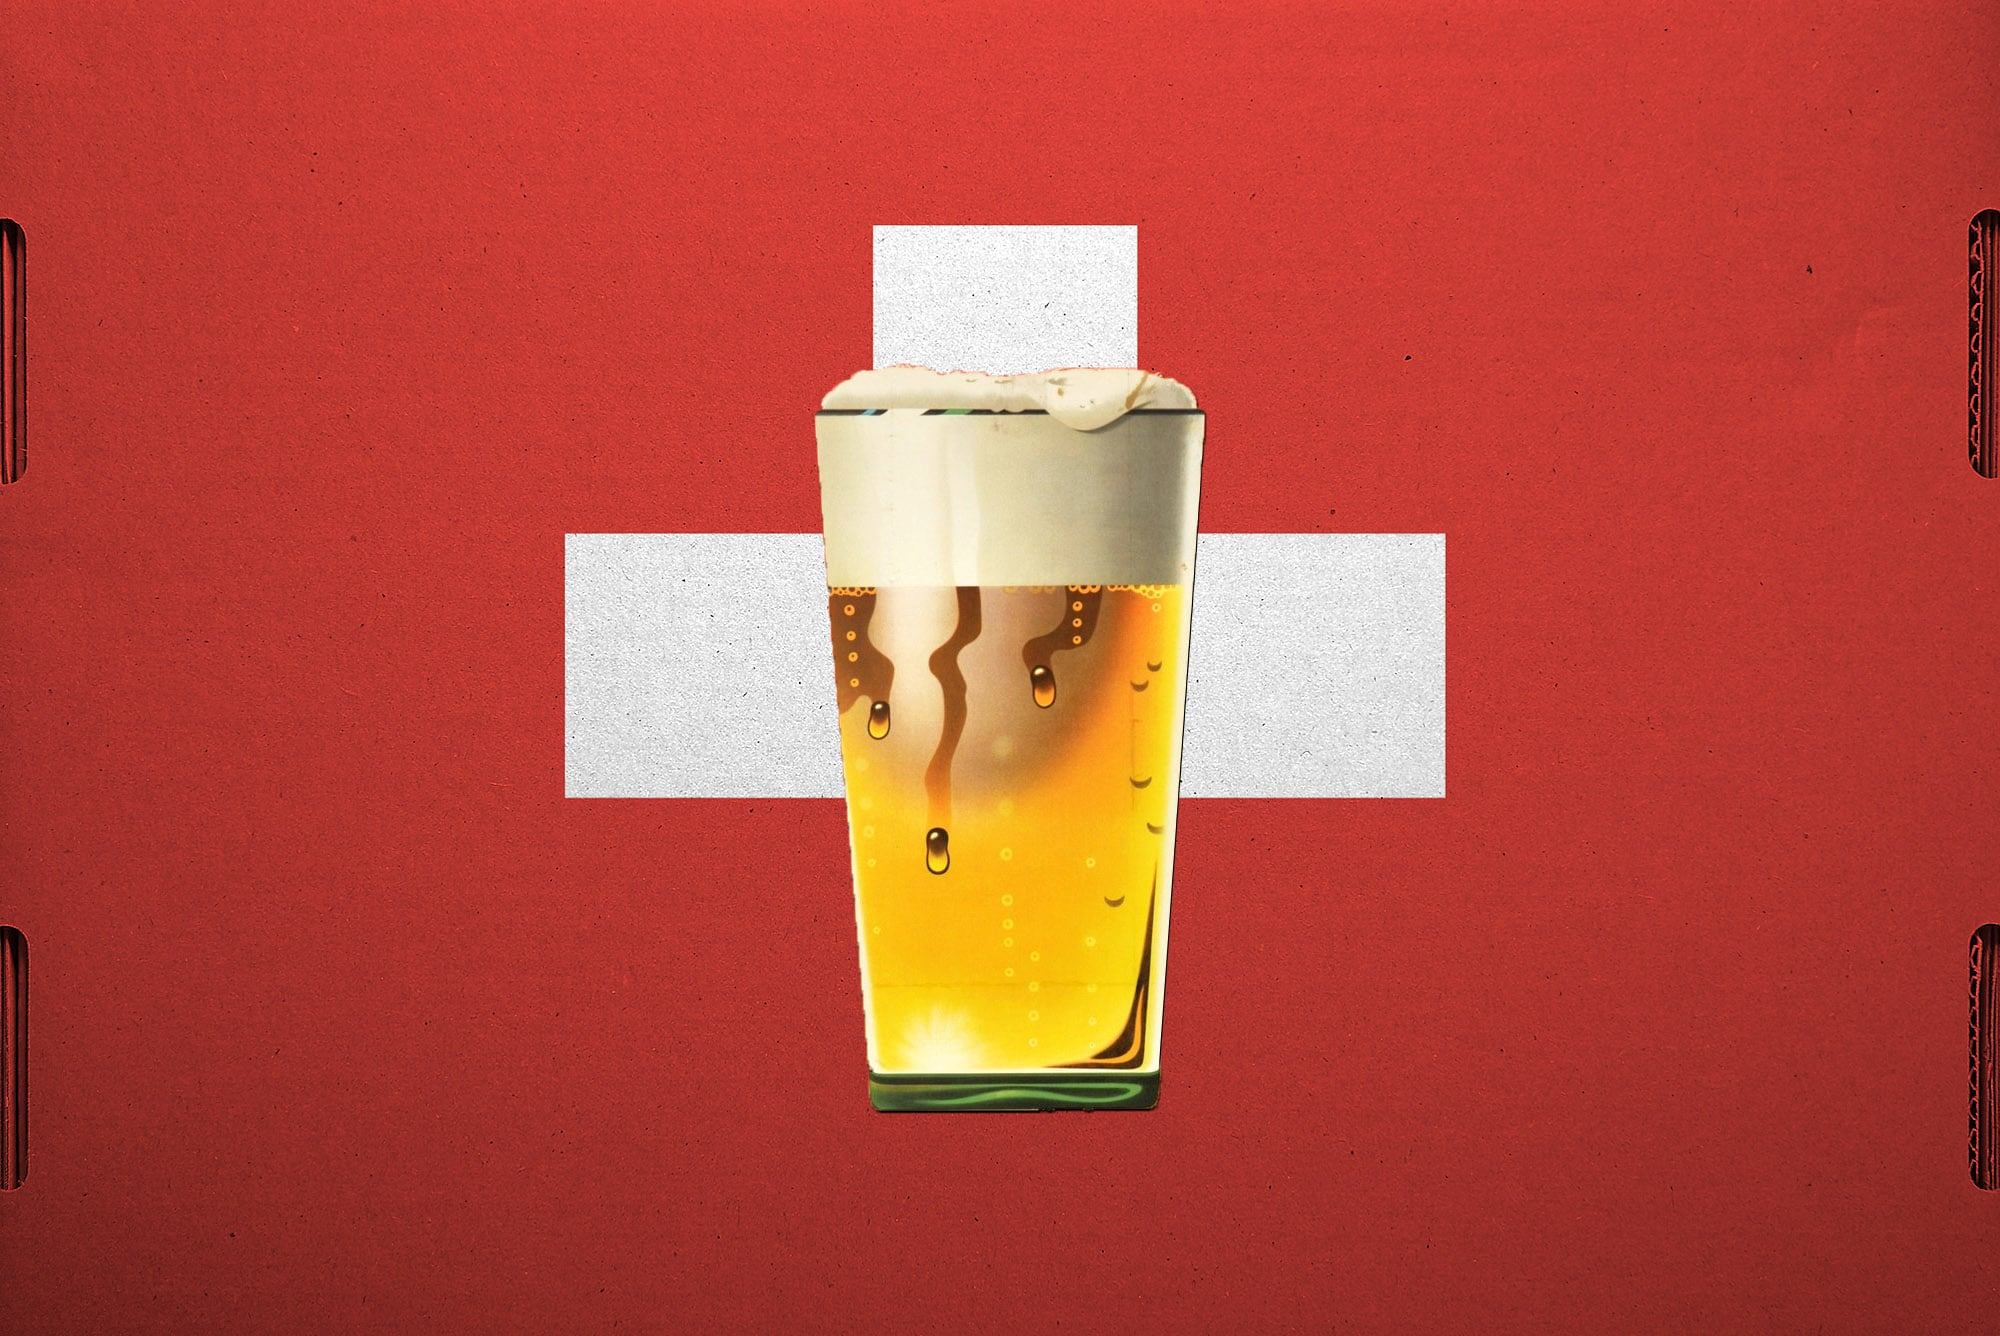 Prost! Schweizer Brauereien erfreuen sich bester Gesundheit.